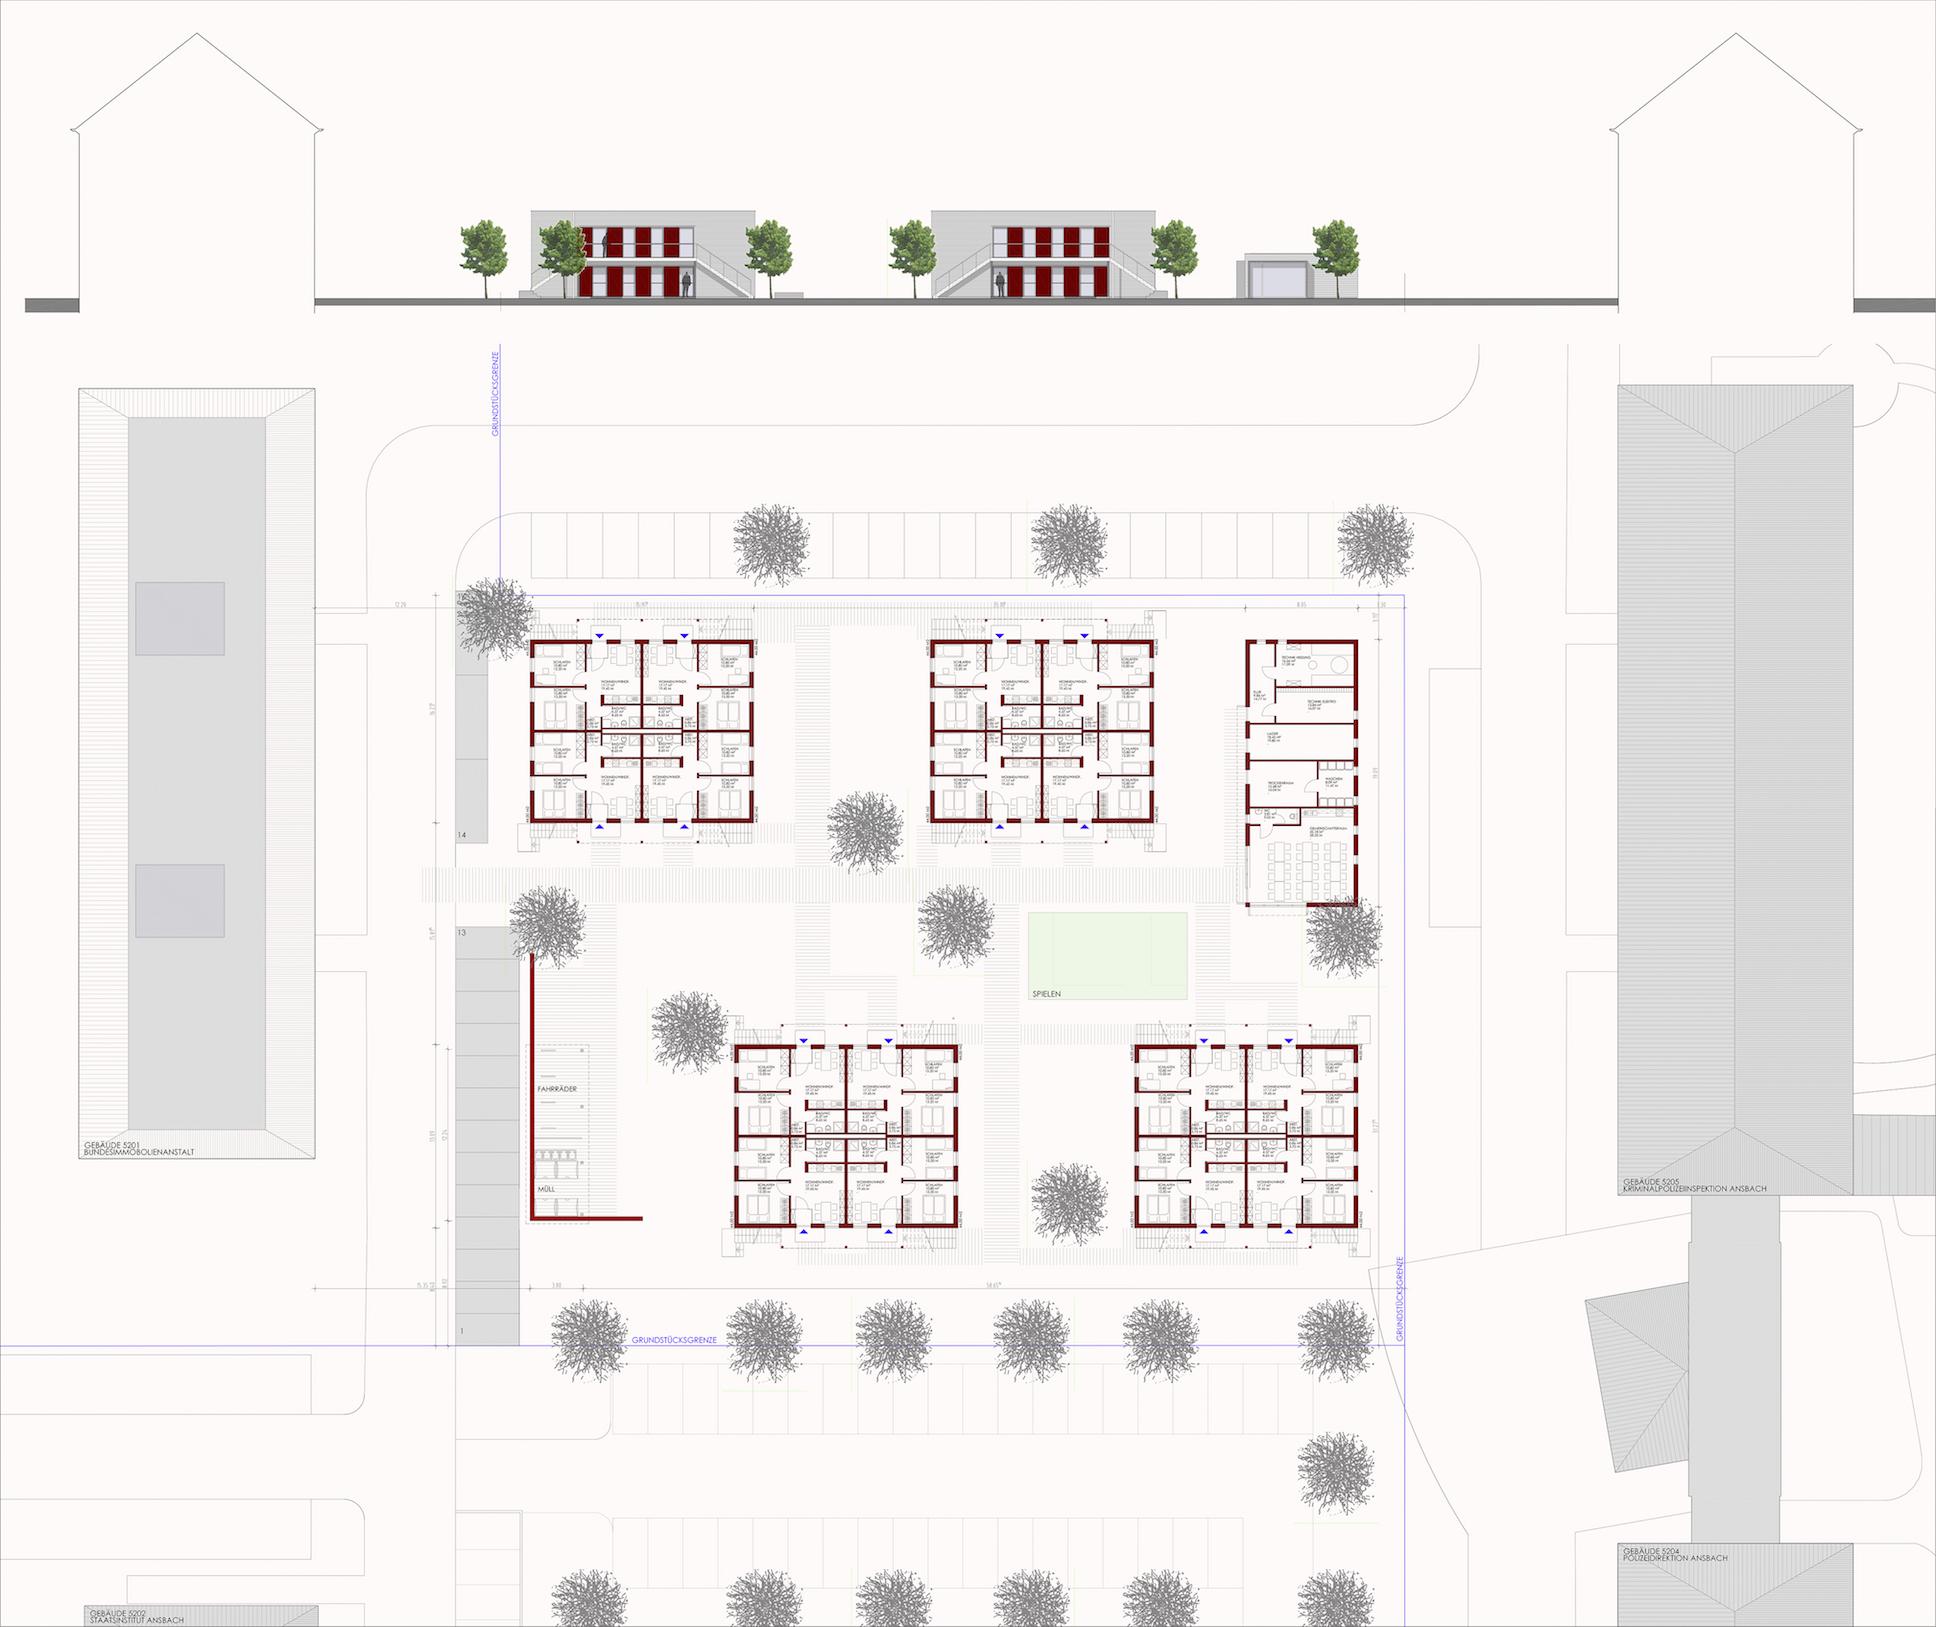 und innenarchitekten ansbach tc buckenmaier store by mai. Black Bedroom Furniture Sets. Home Design Ideas